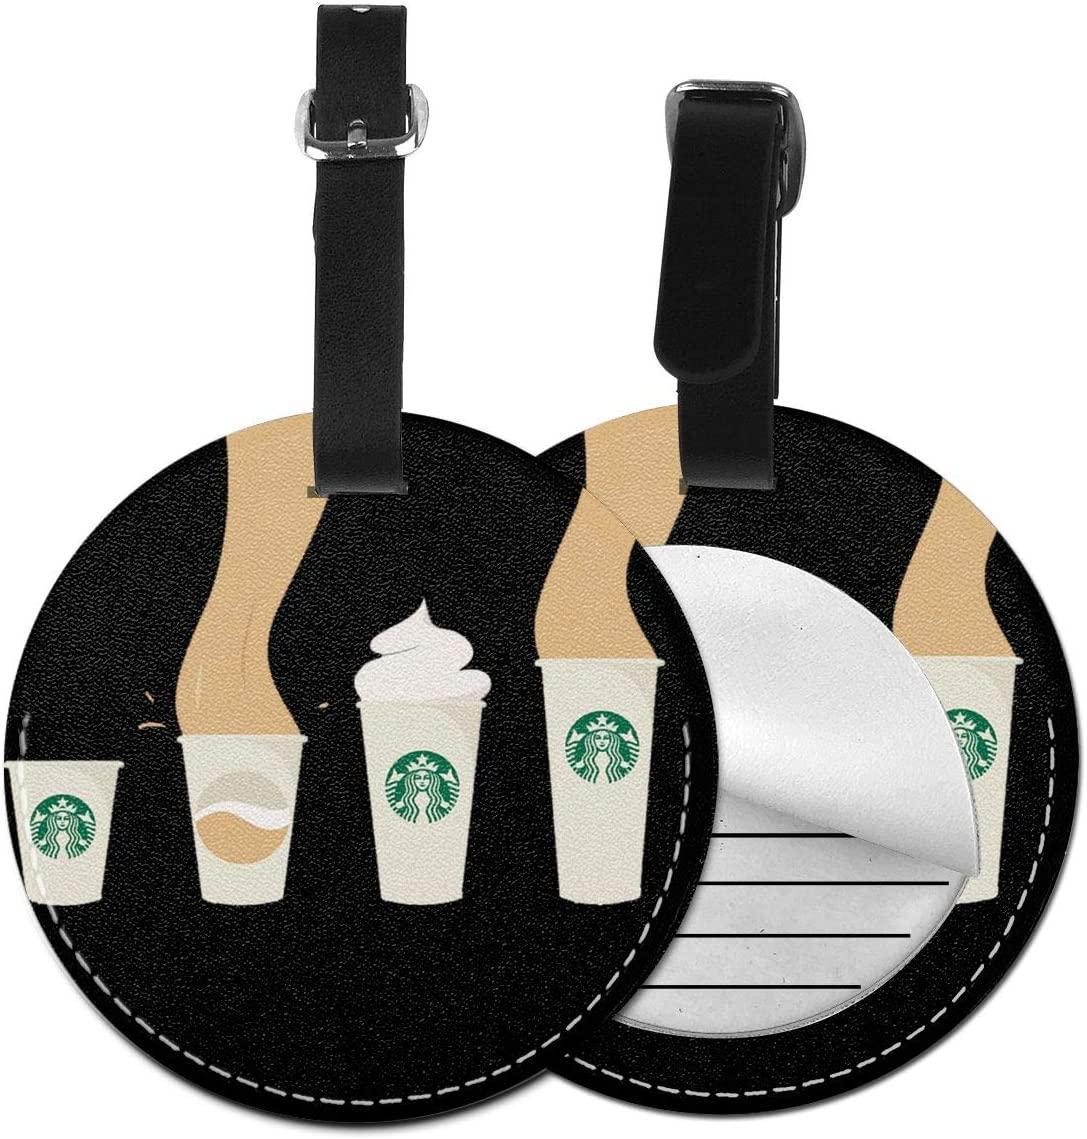 N/C Star-Bucks Cartoon Artificial Leather Round Luggage Tag